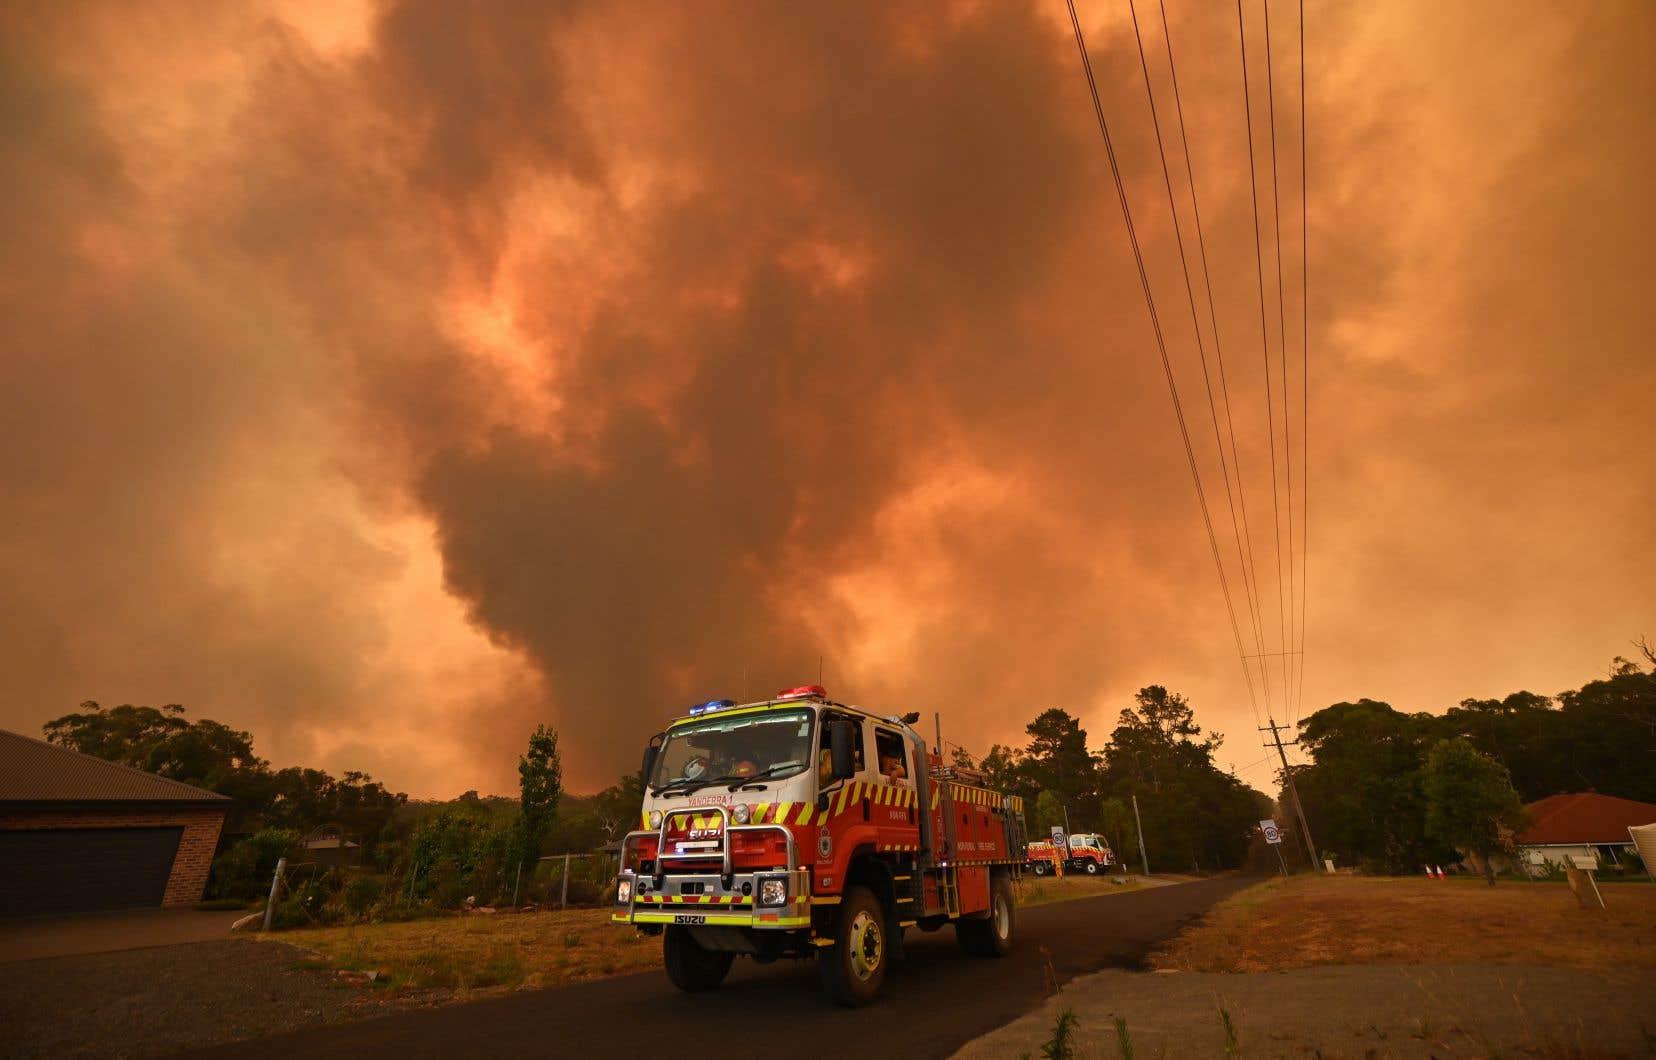 Des habitants de la petite ville de Bargo, à une centaine de kilomètres au sud-est, ont été évacués devant l'avancée du feu.